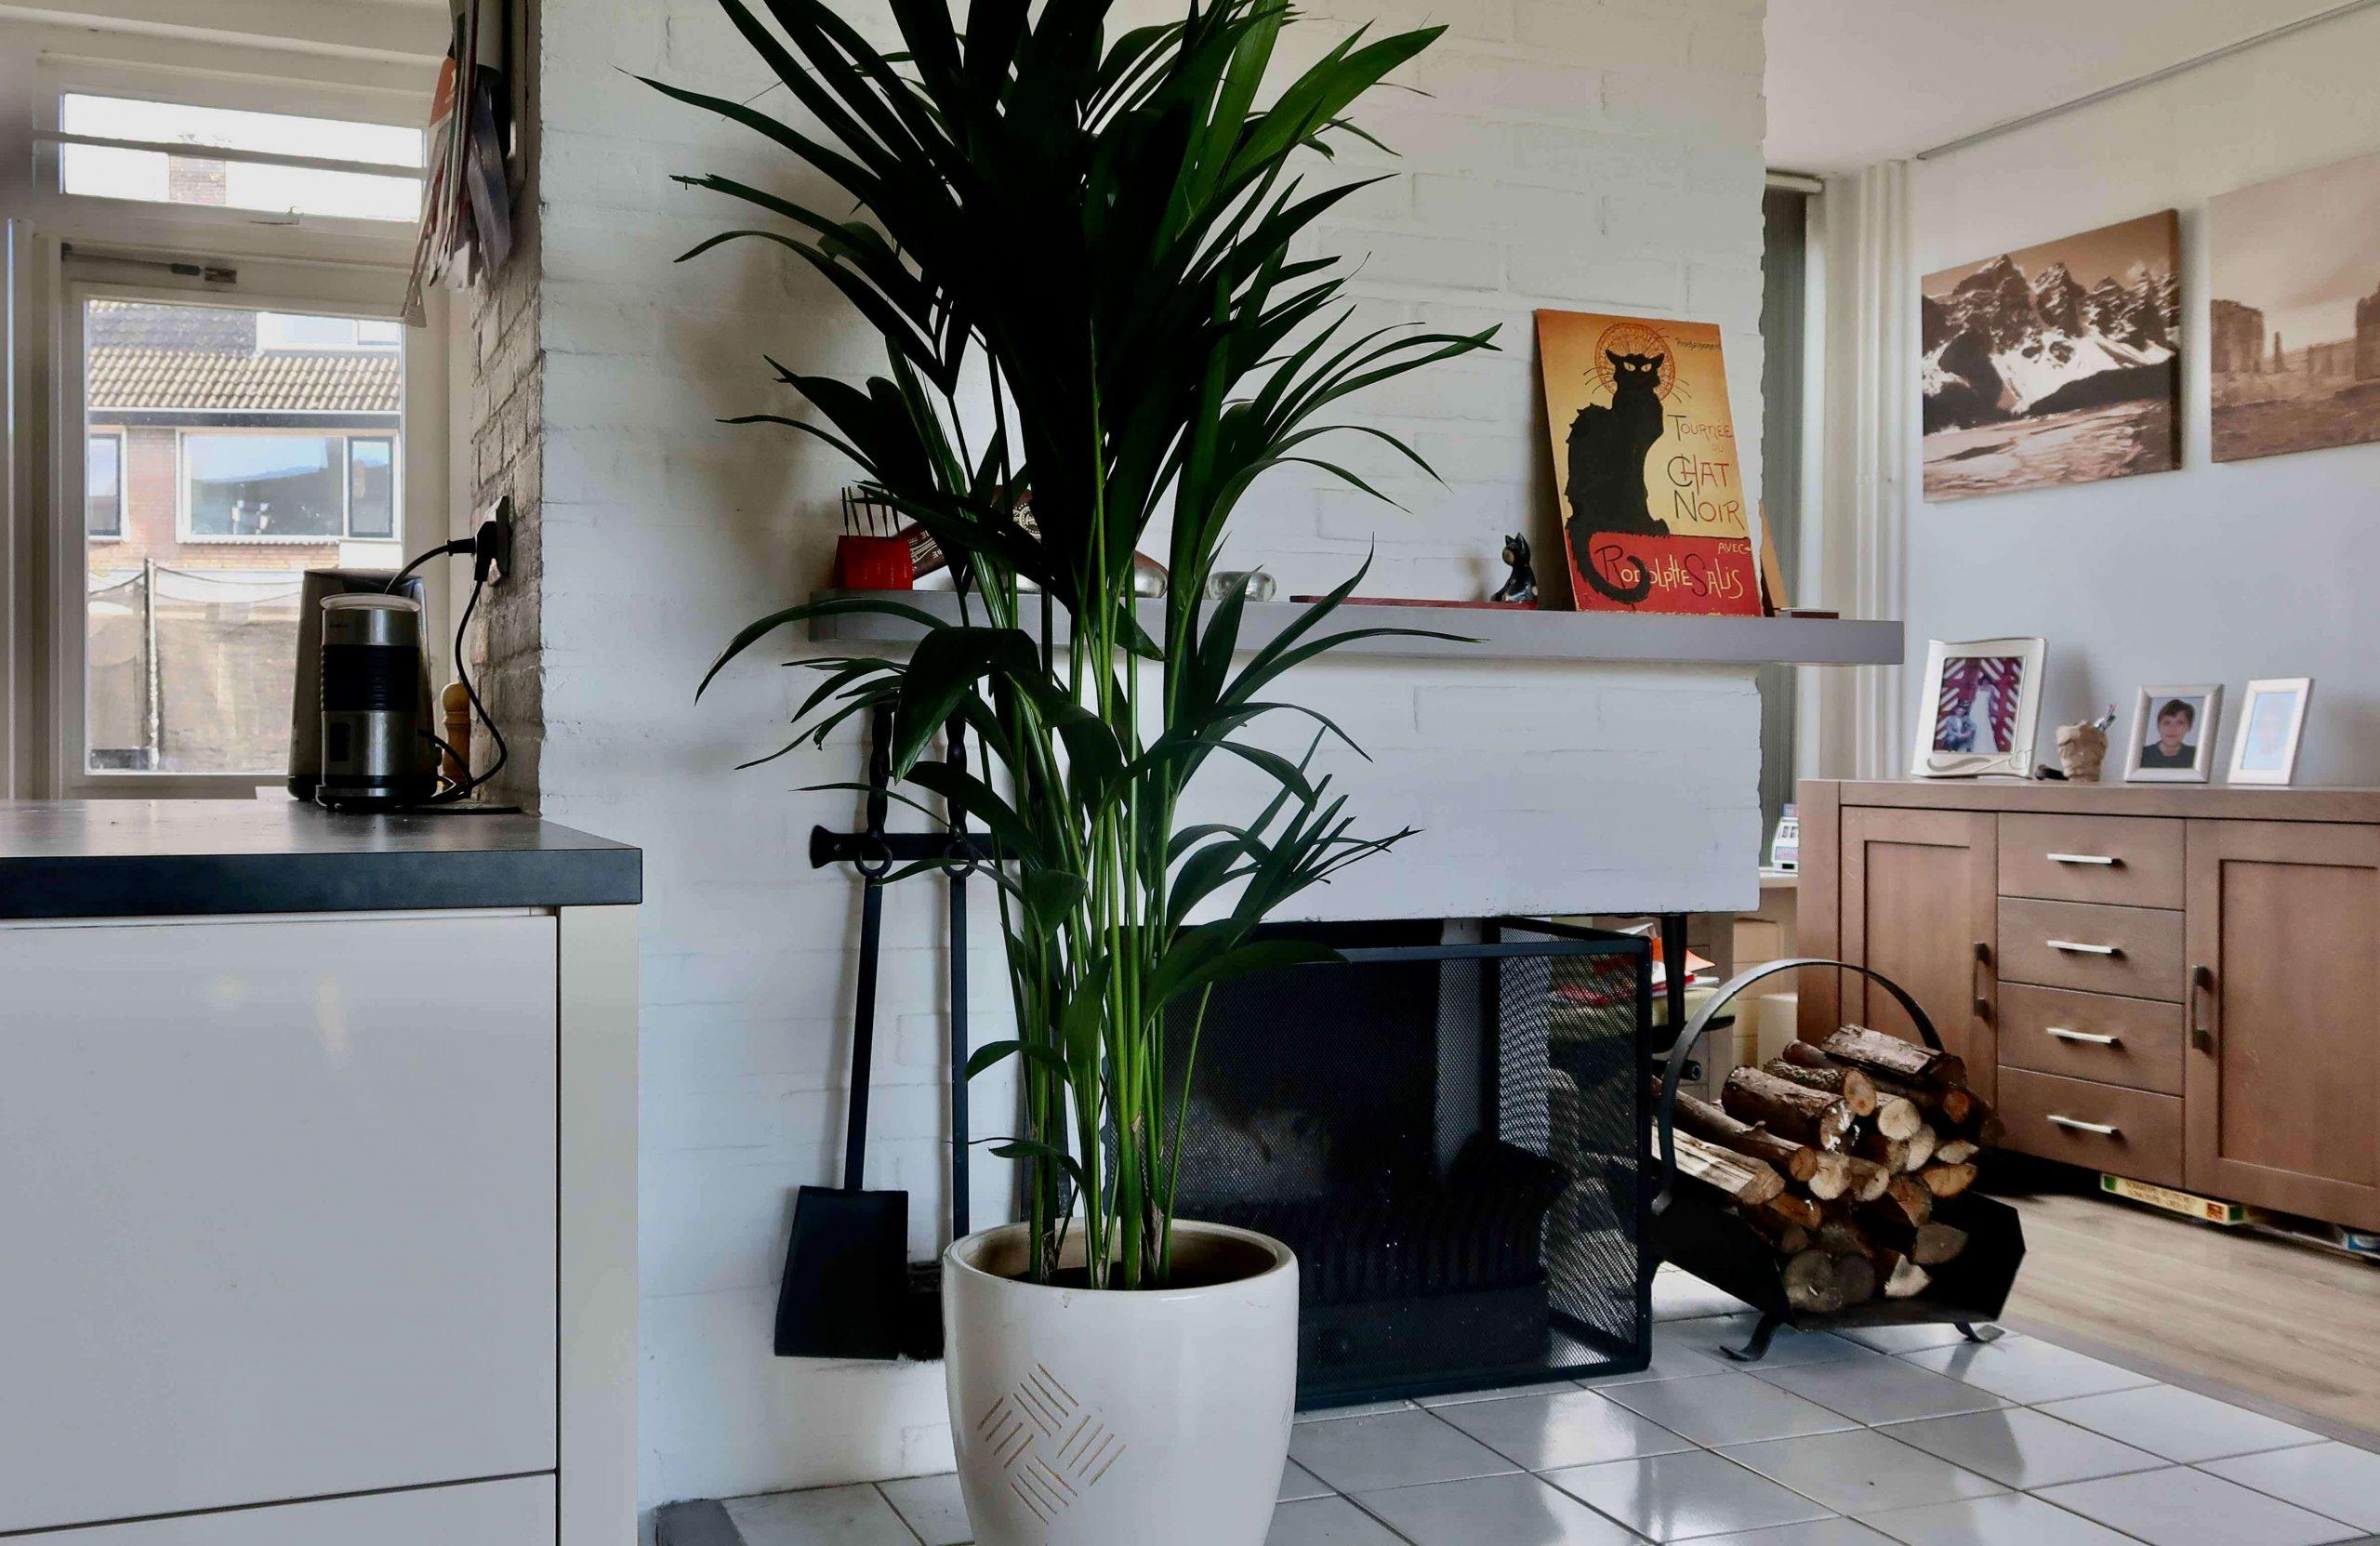 Maak je eigen urban jungle met planten in huis